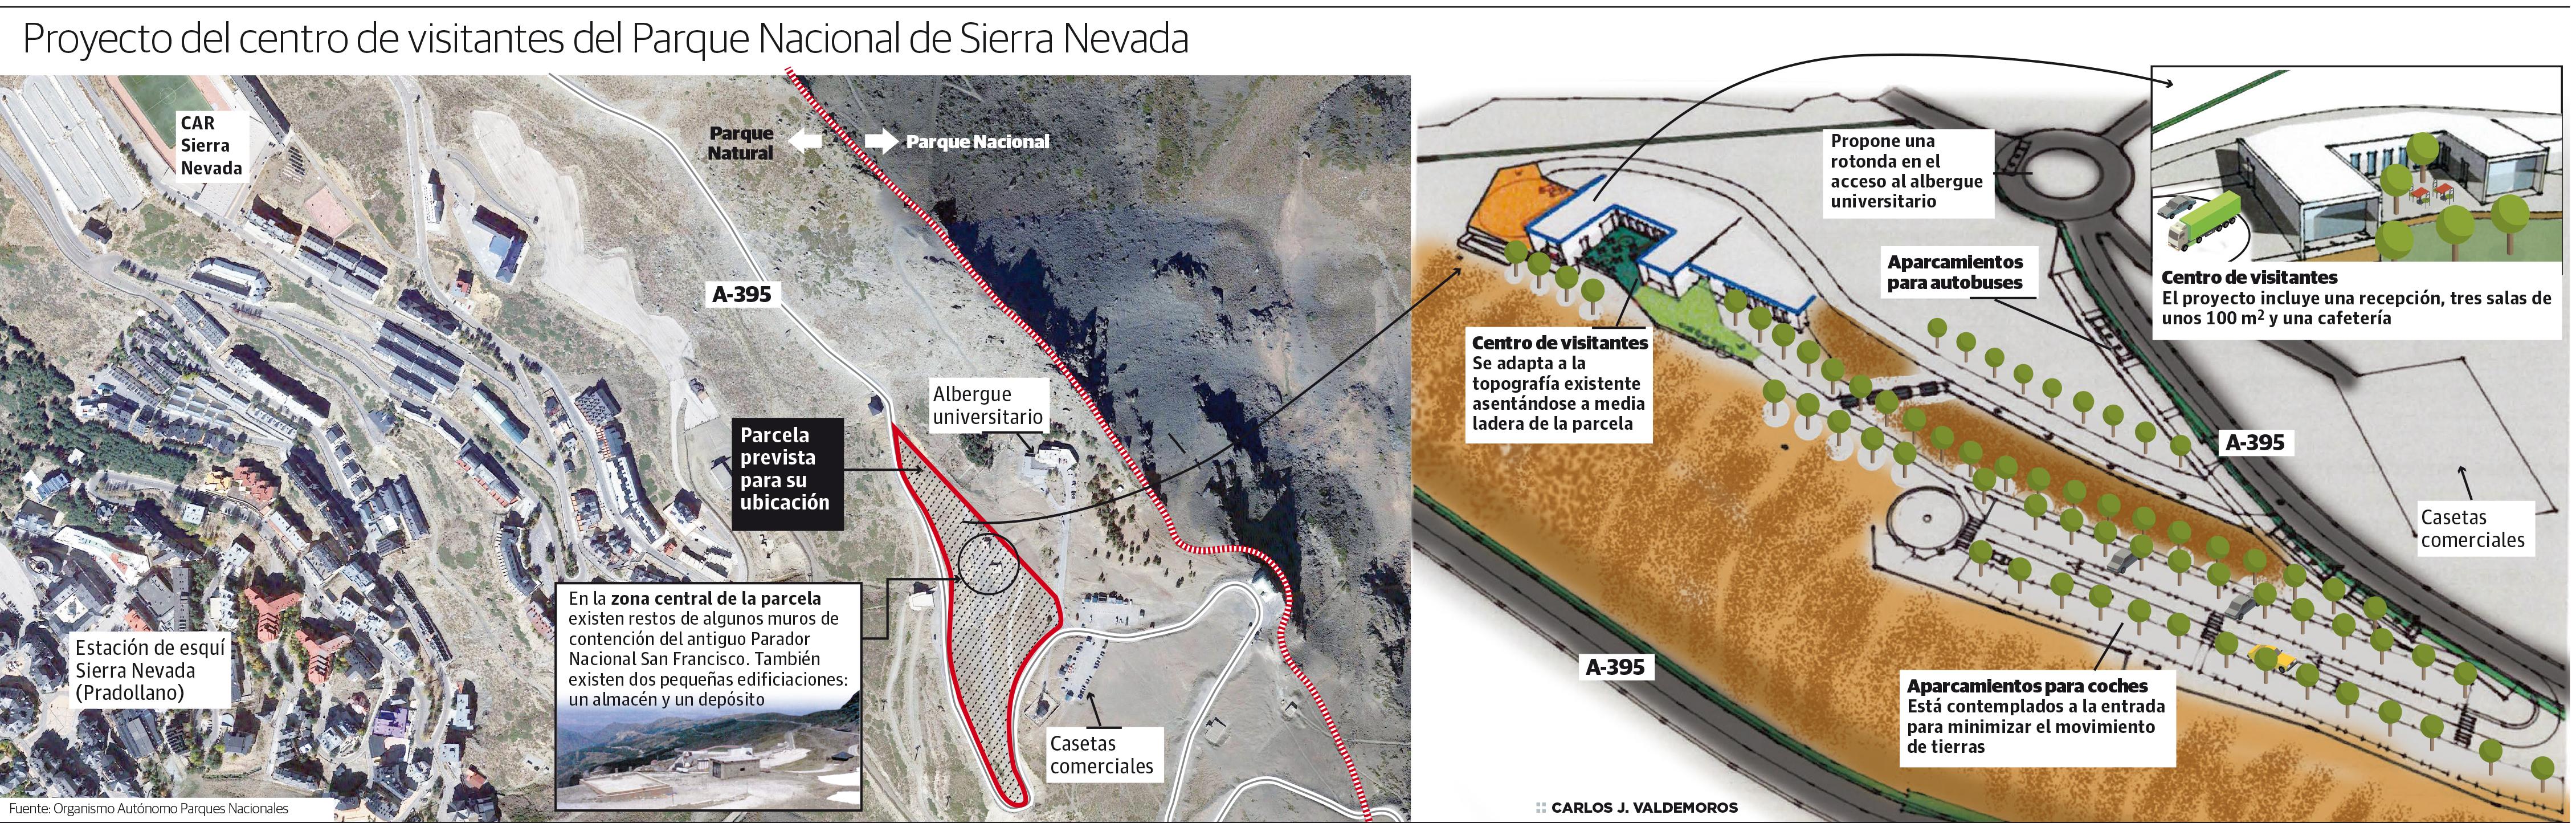 Así esl proyecto del centro de visitantes del Parque Nacional de Sierra Nevada en la Hoya de la Mora